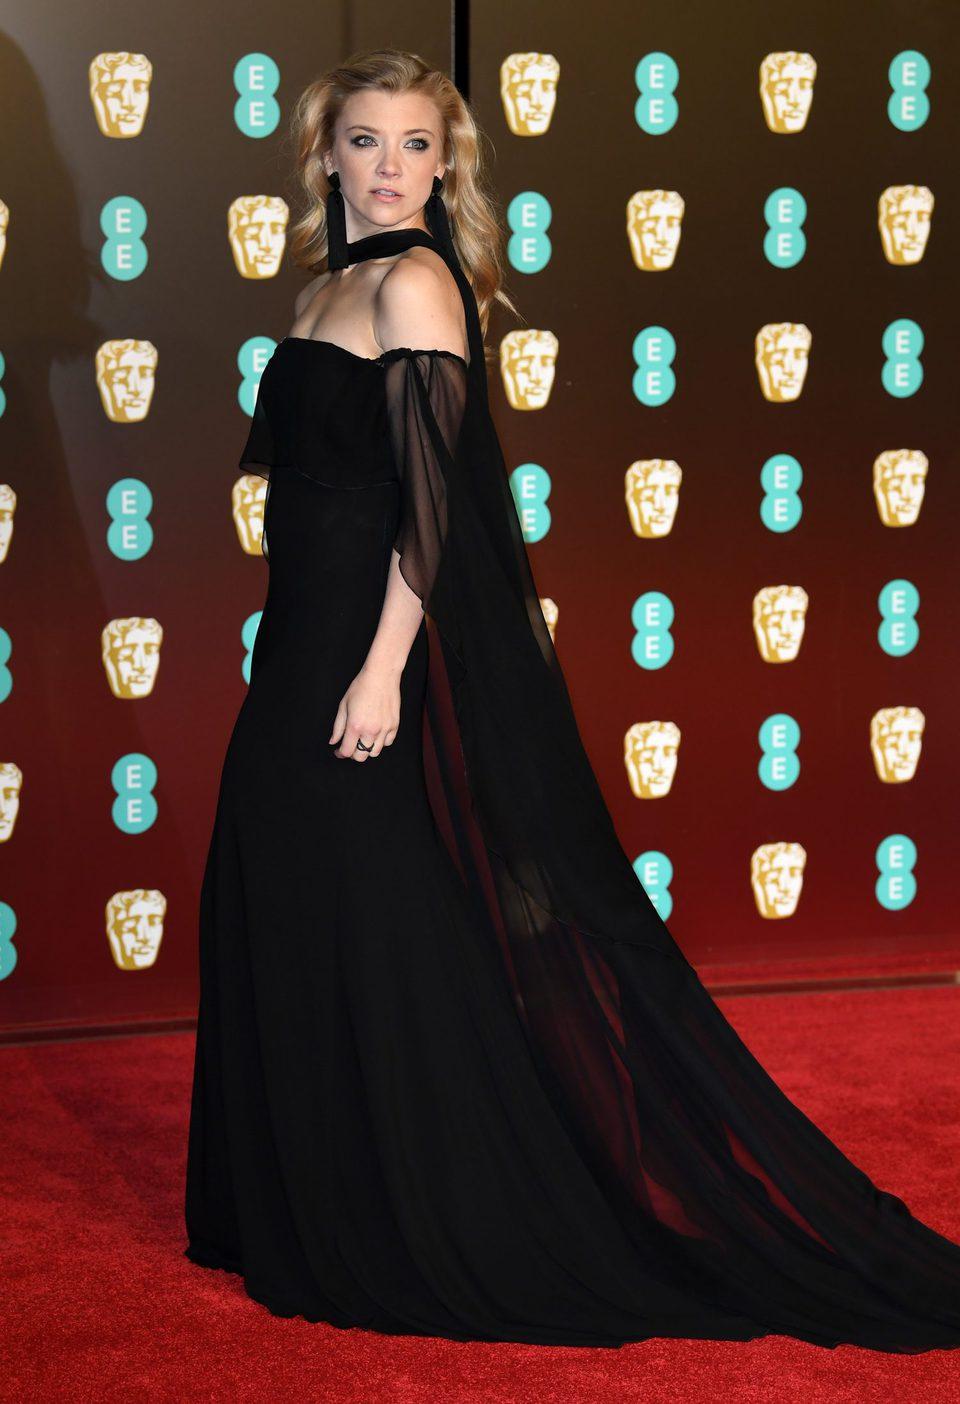 Natalie Dormer en la alfombra roja de los BAFTA 2018